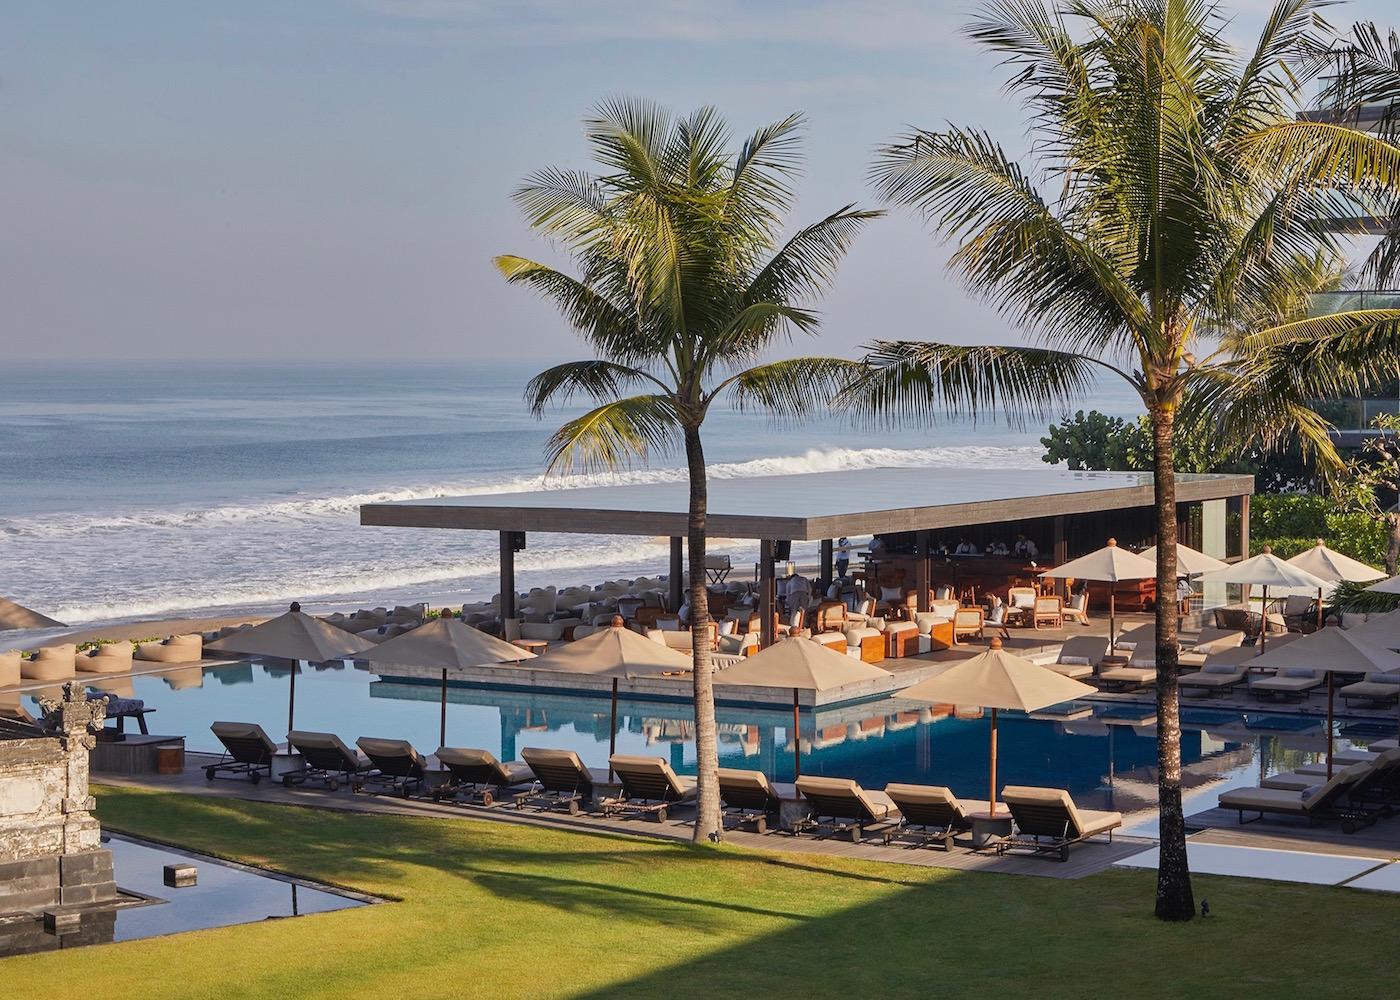 The Beach Bar at Alila Seminyak in Bali, Indonesia